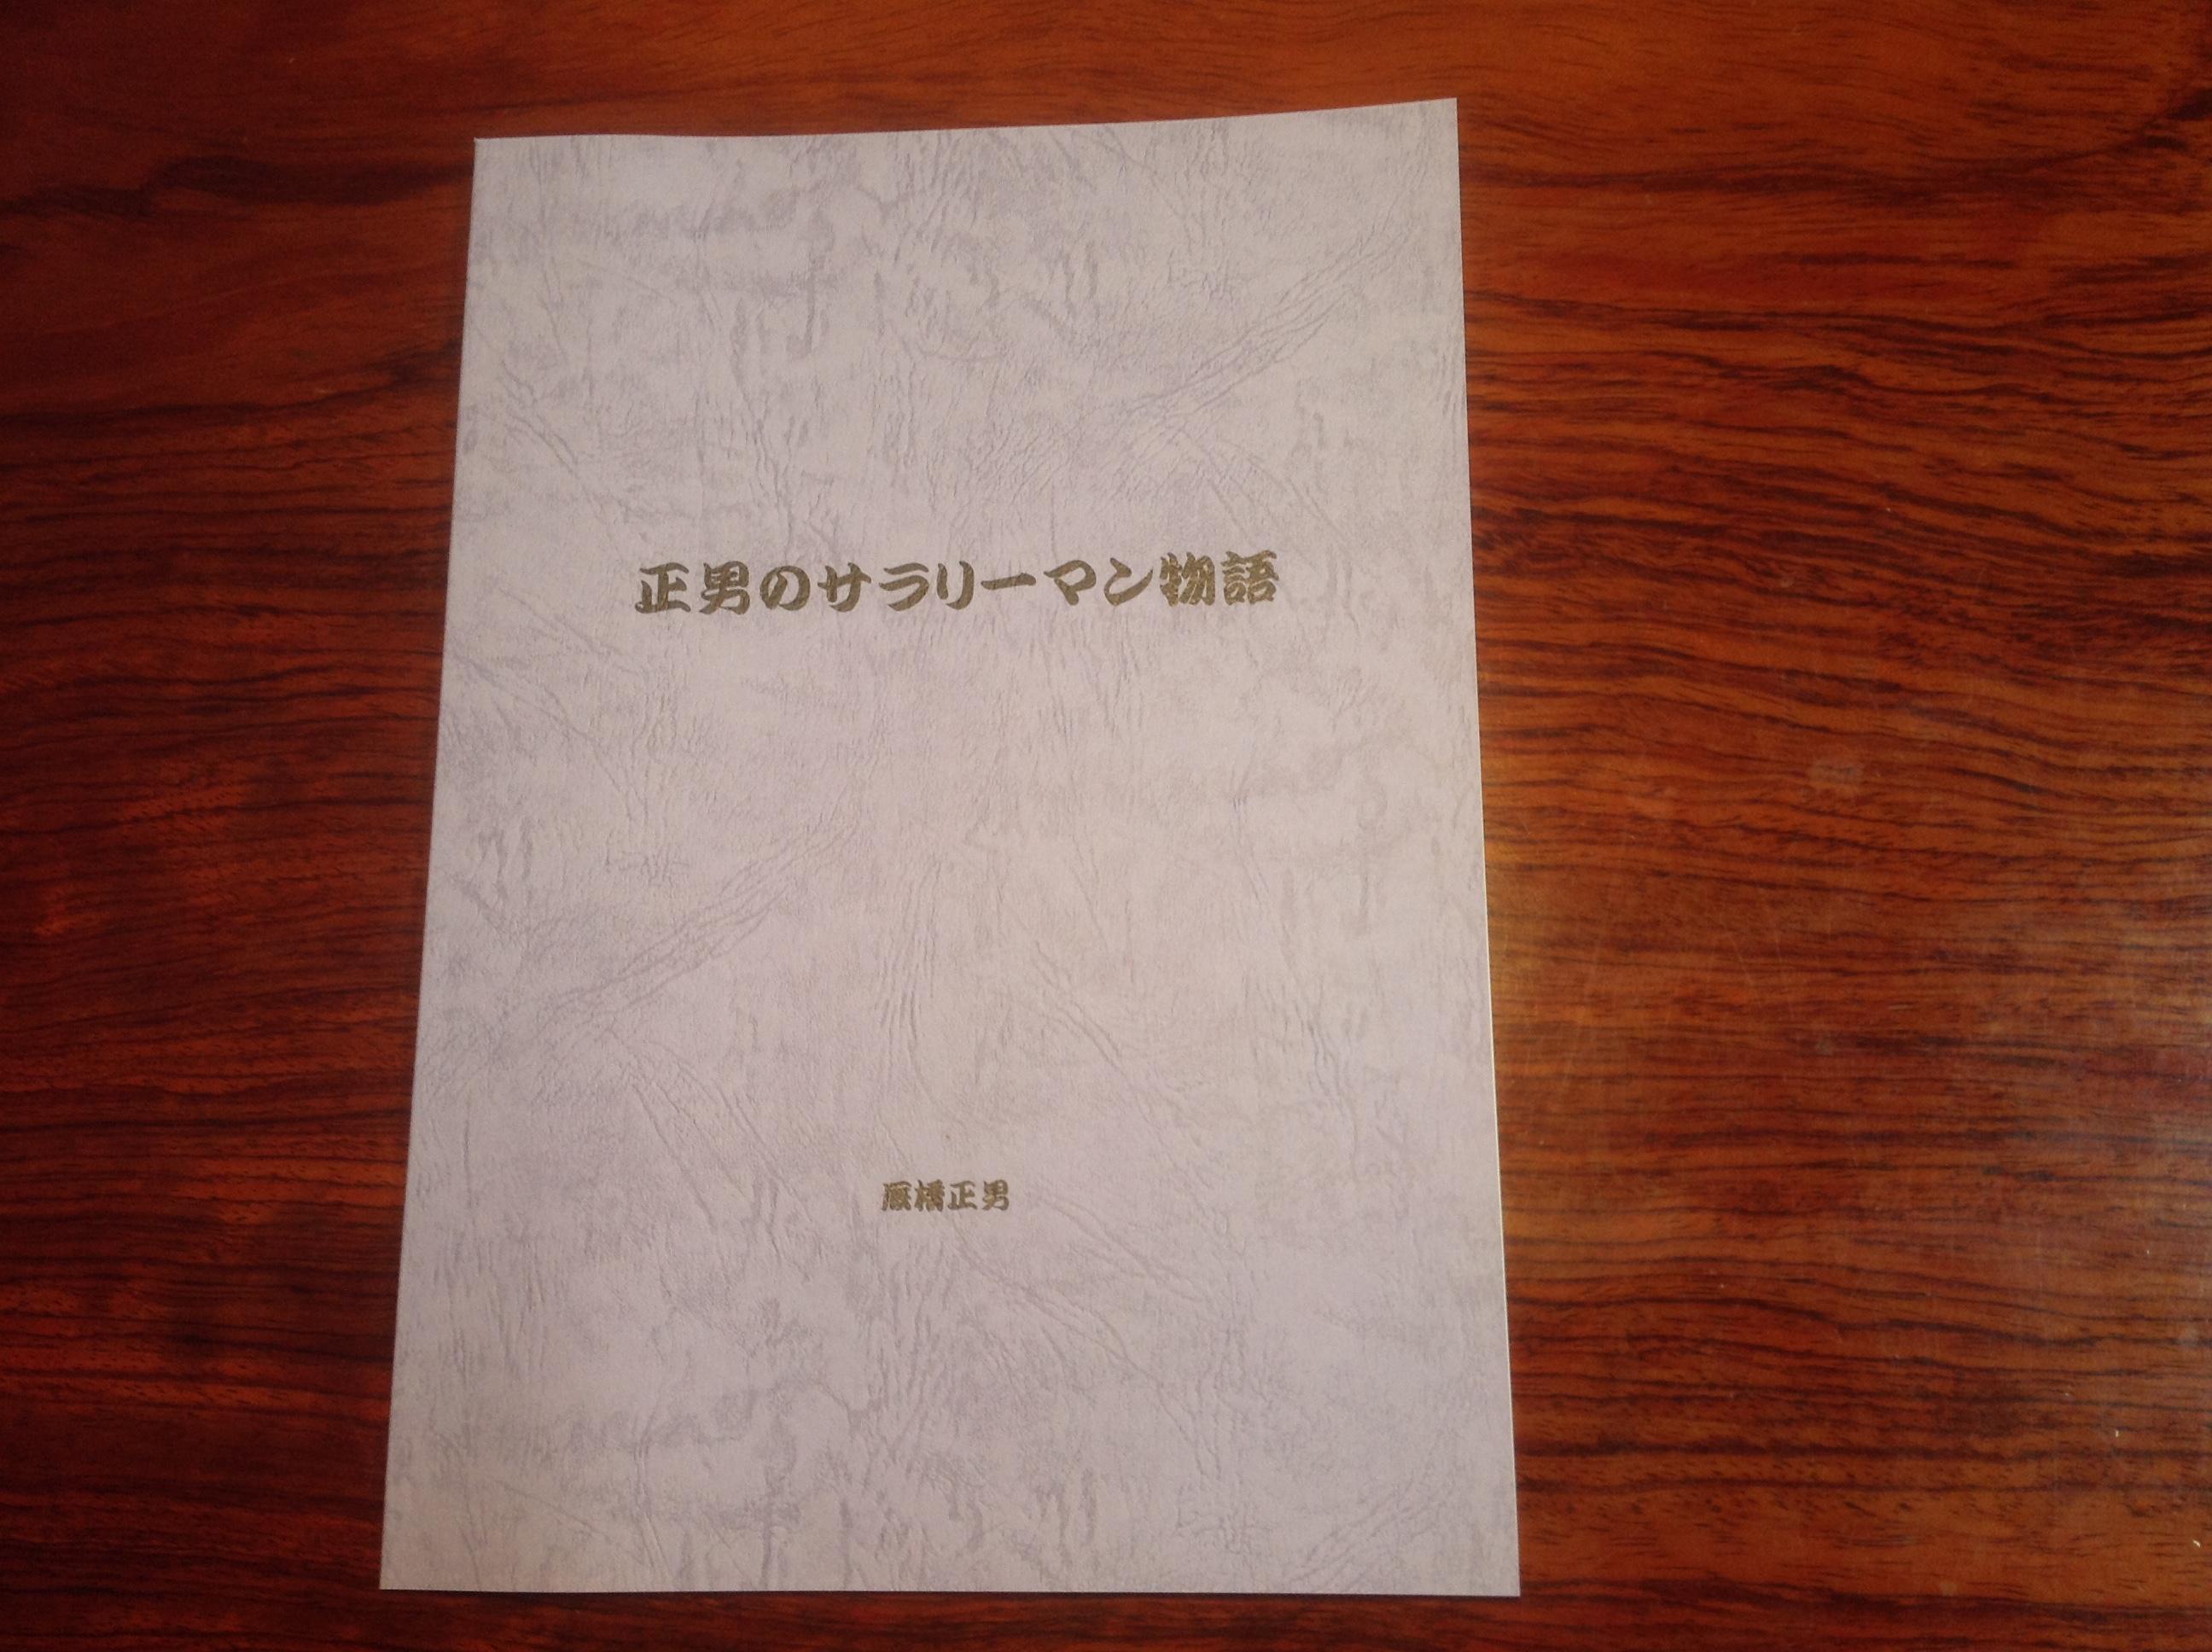 正男さん様が実際にイシダ印刷で印刷・製本した画像